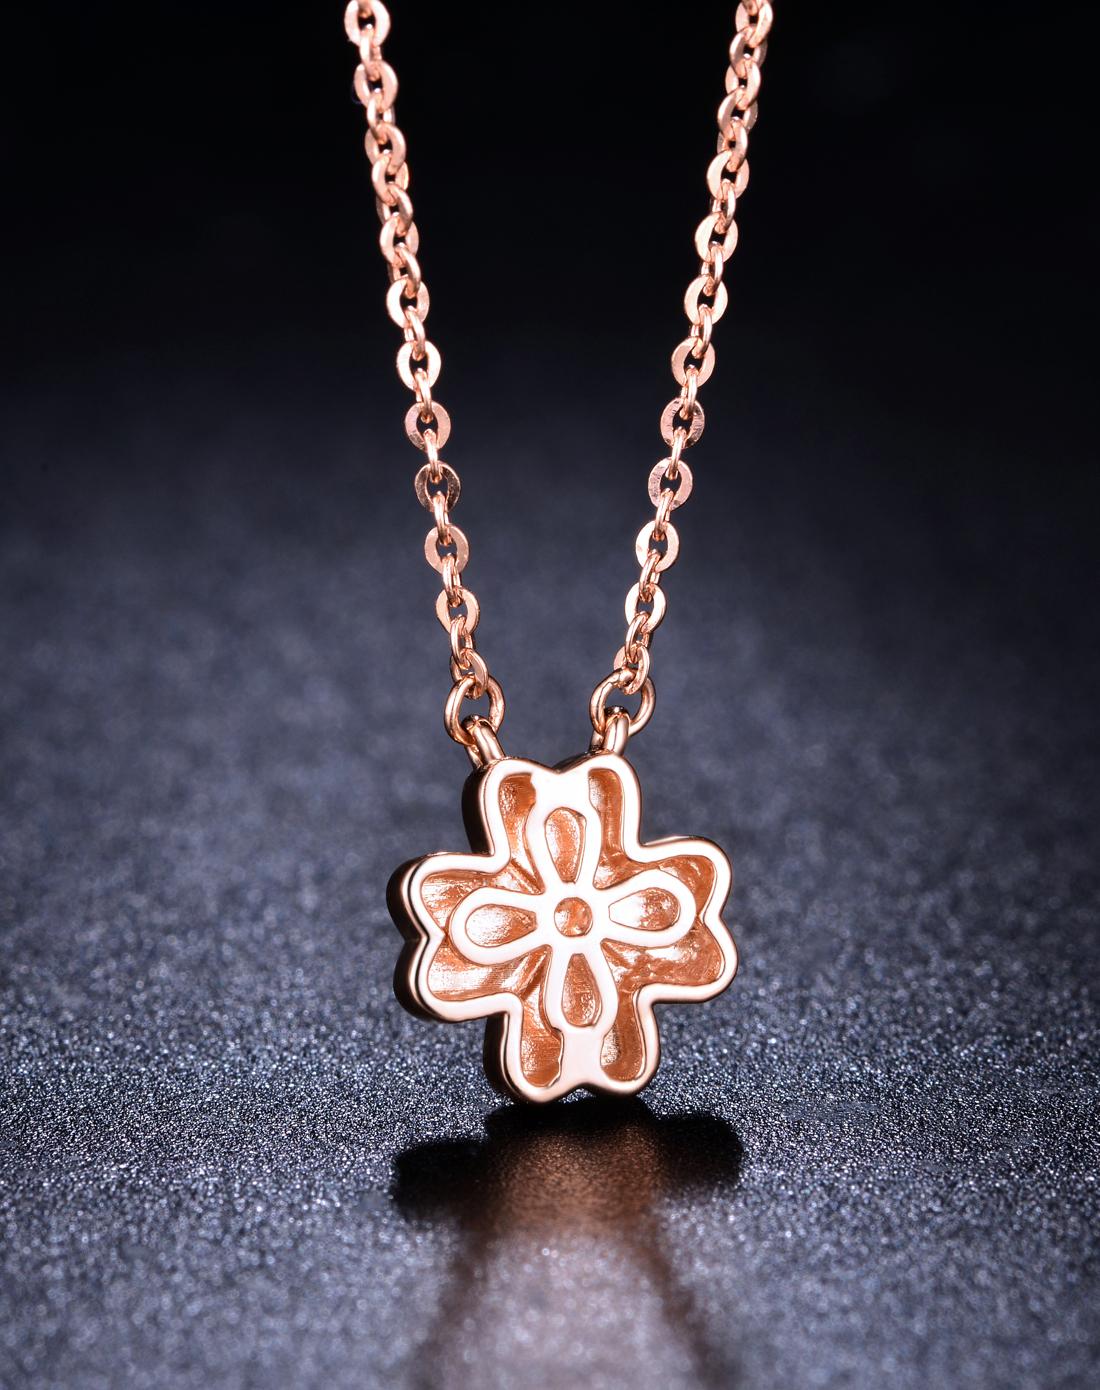 玫瑰金项链,项链,佐卡伊项链